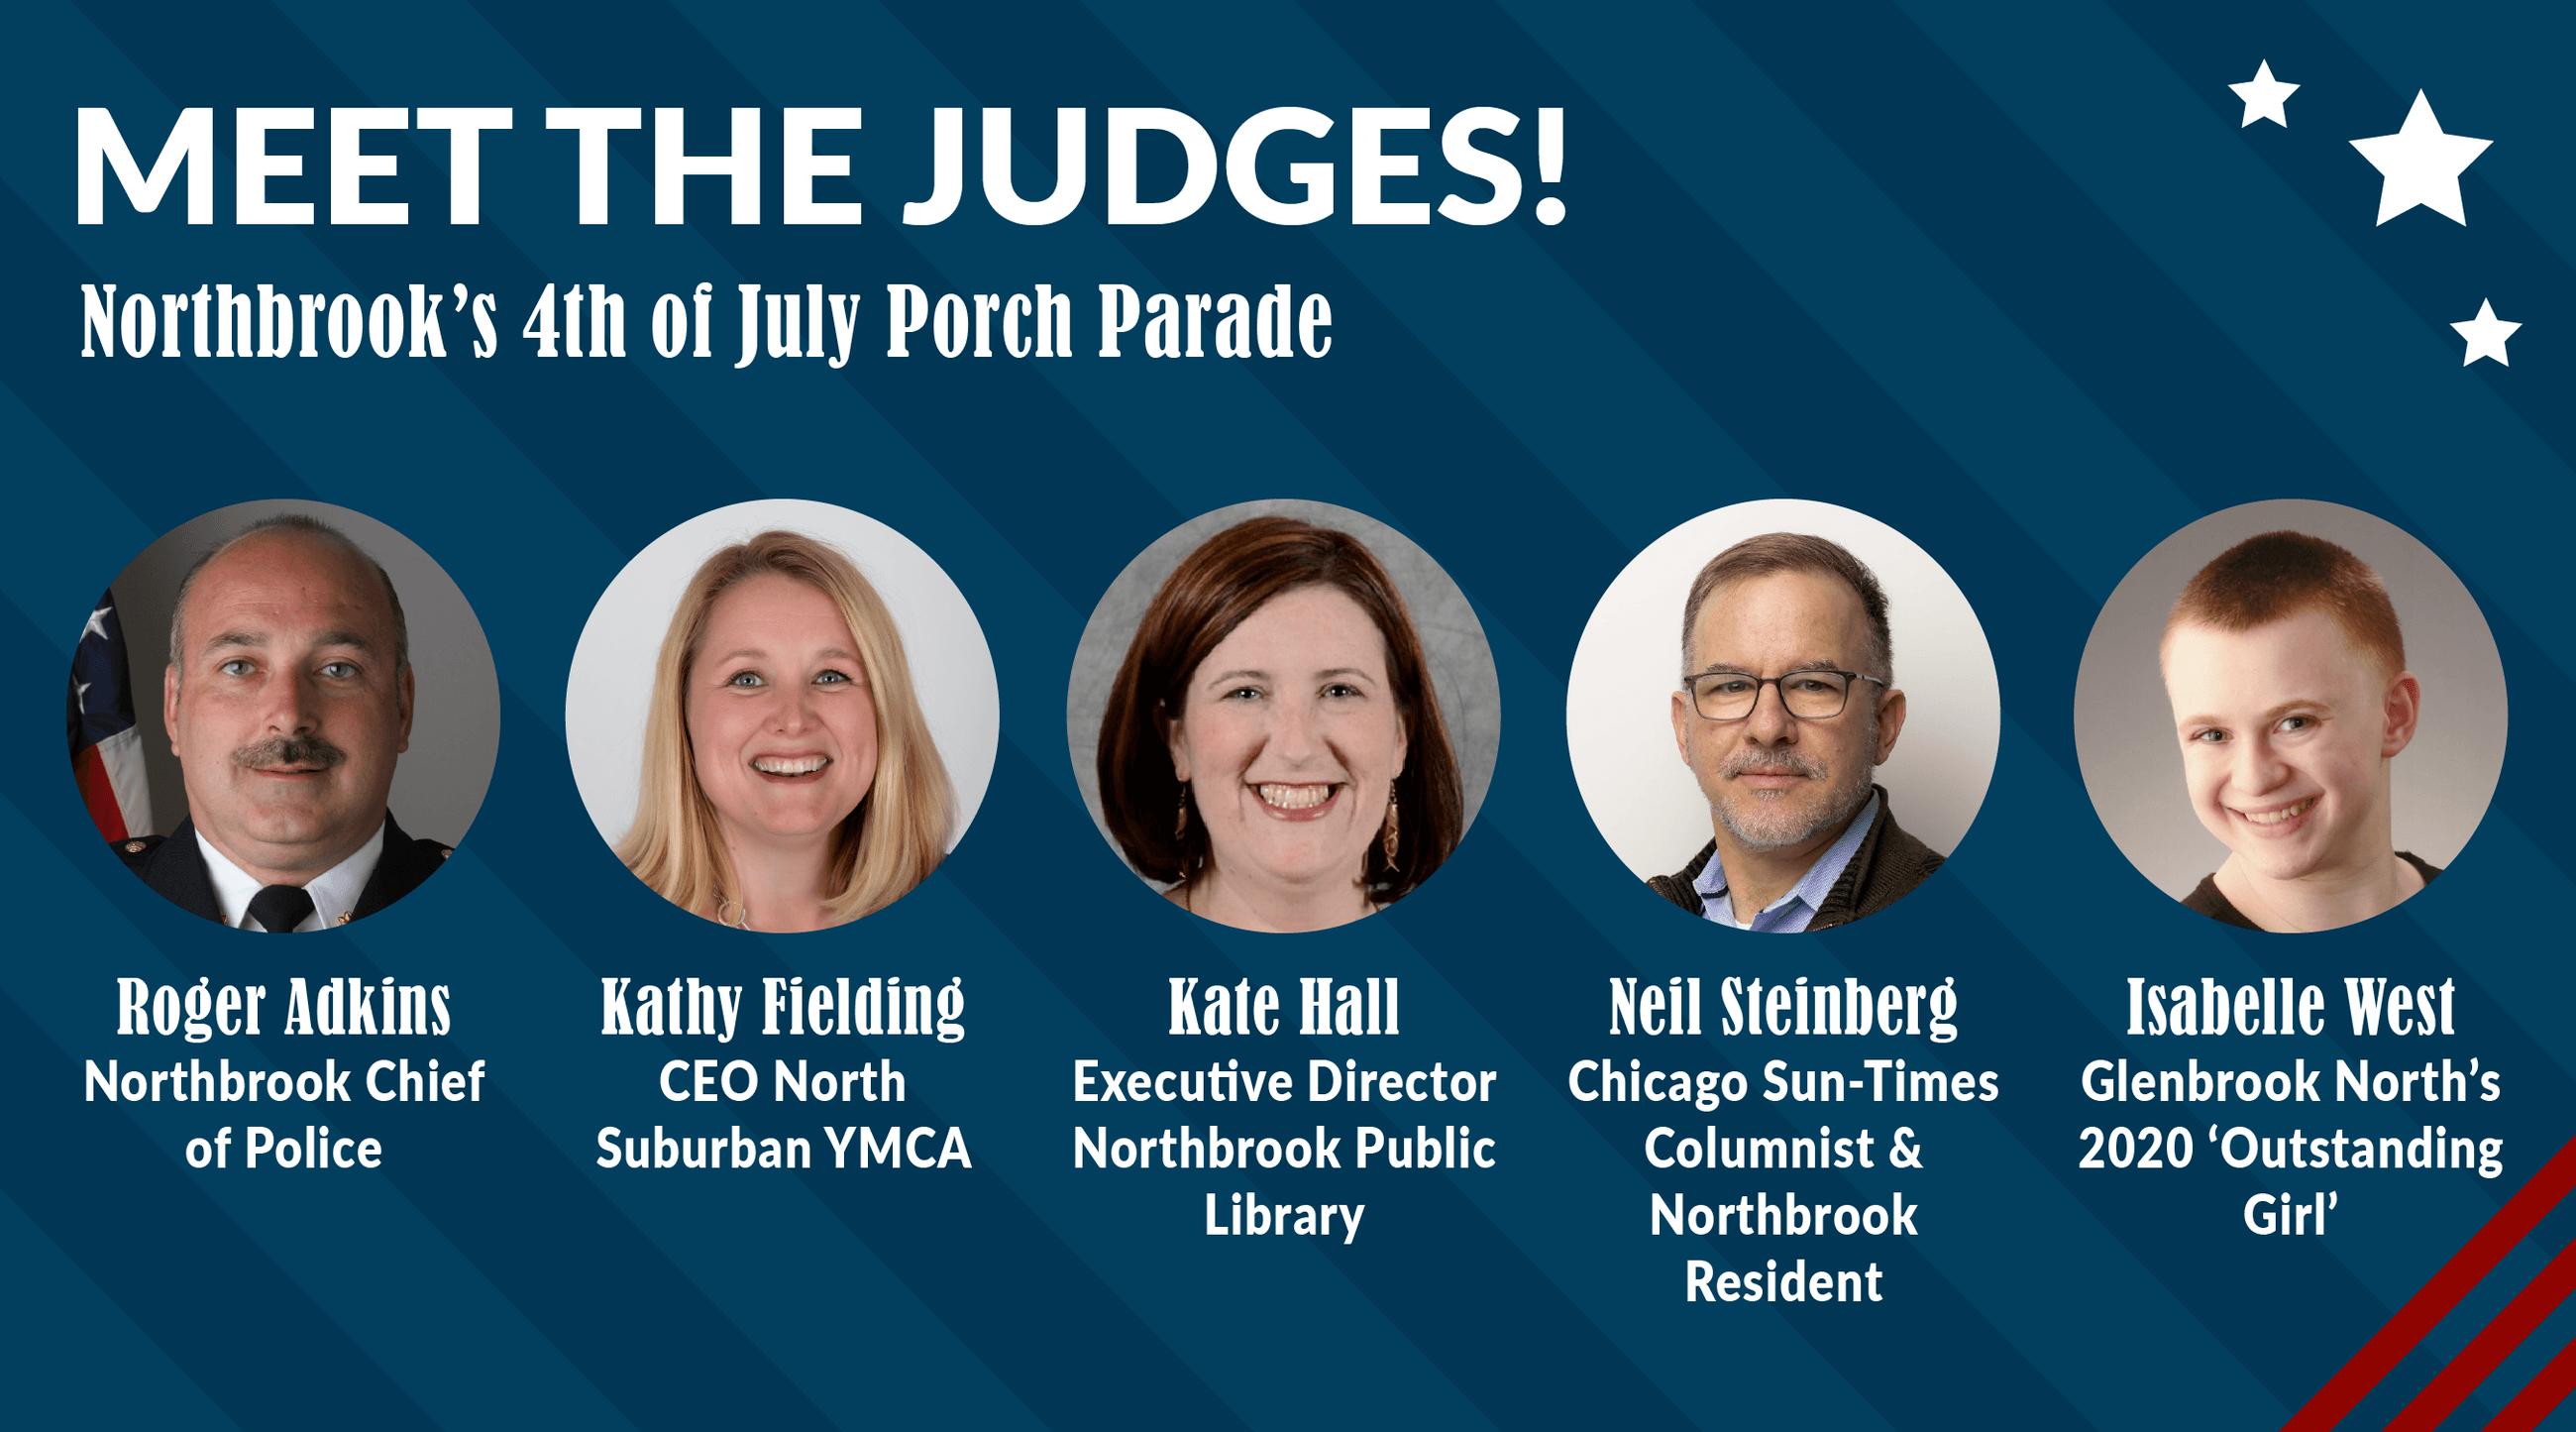 Porch Parade Judges